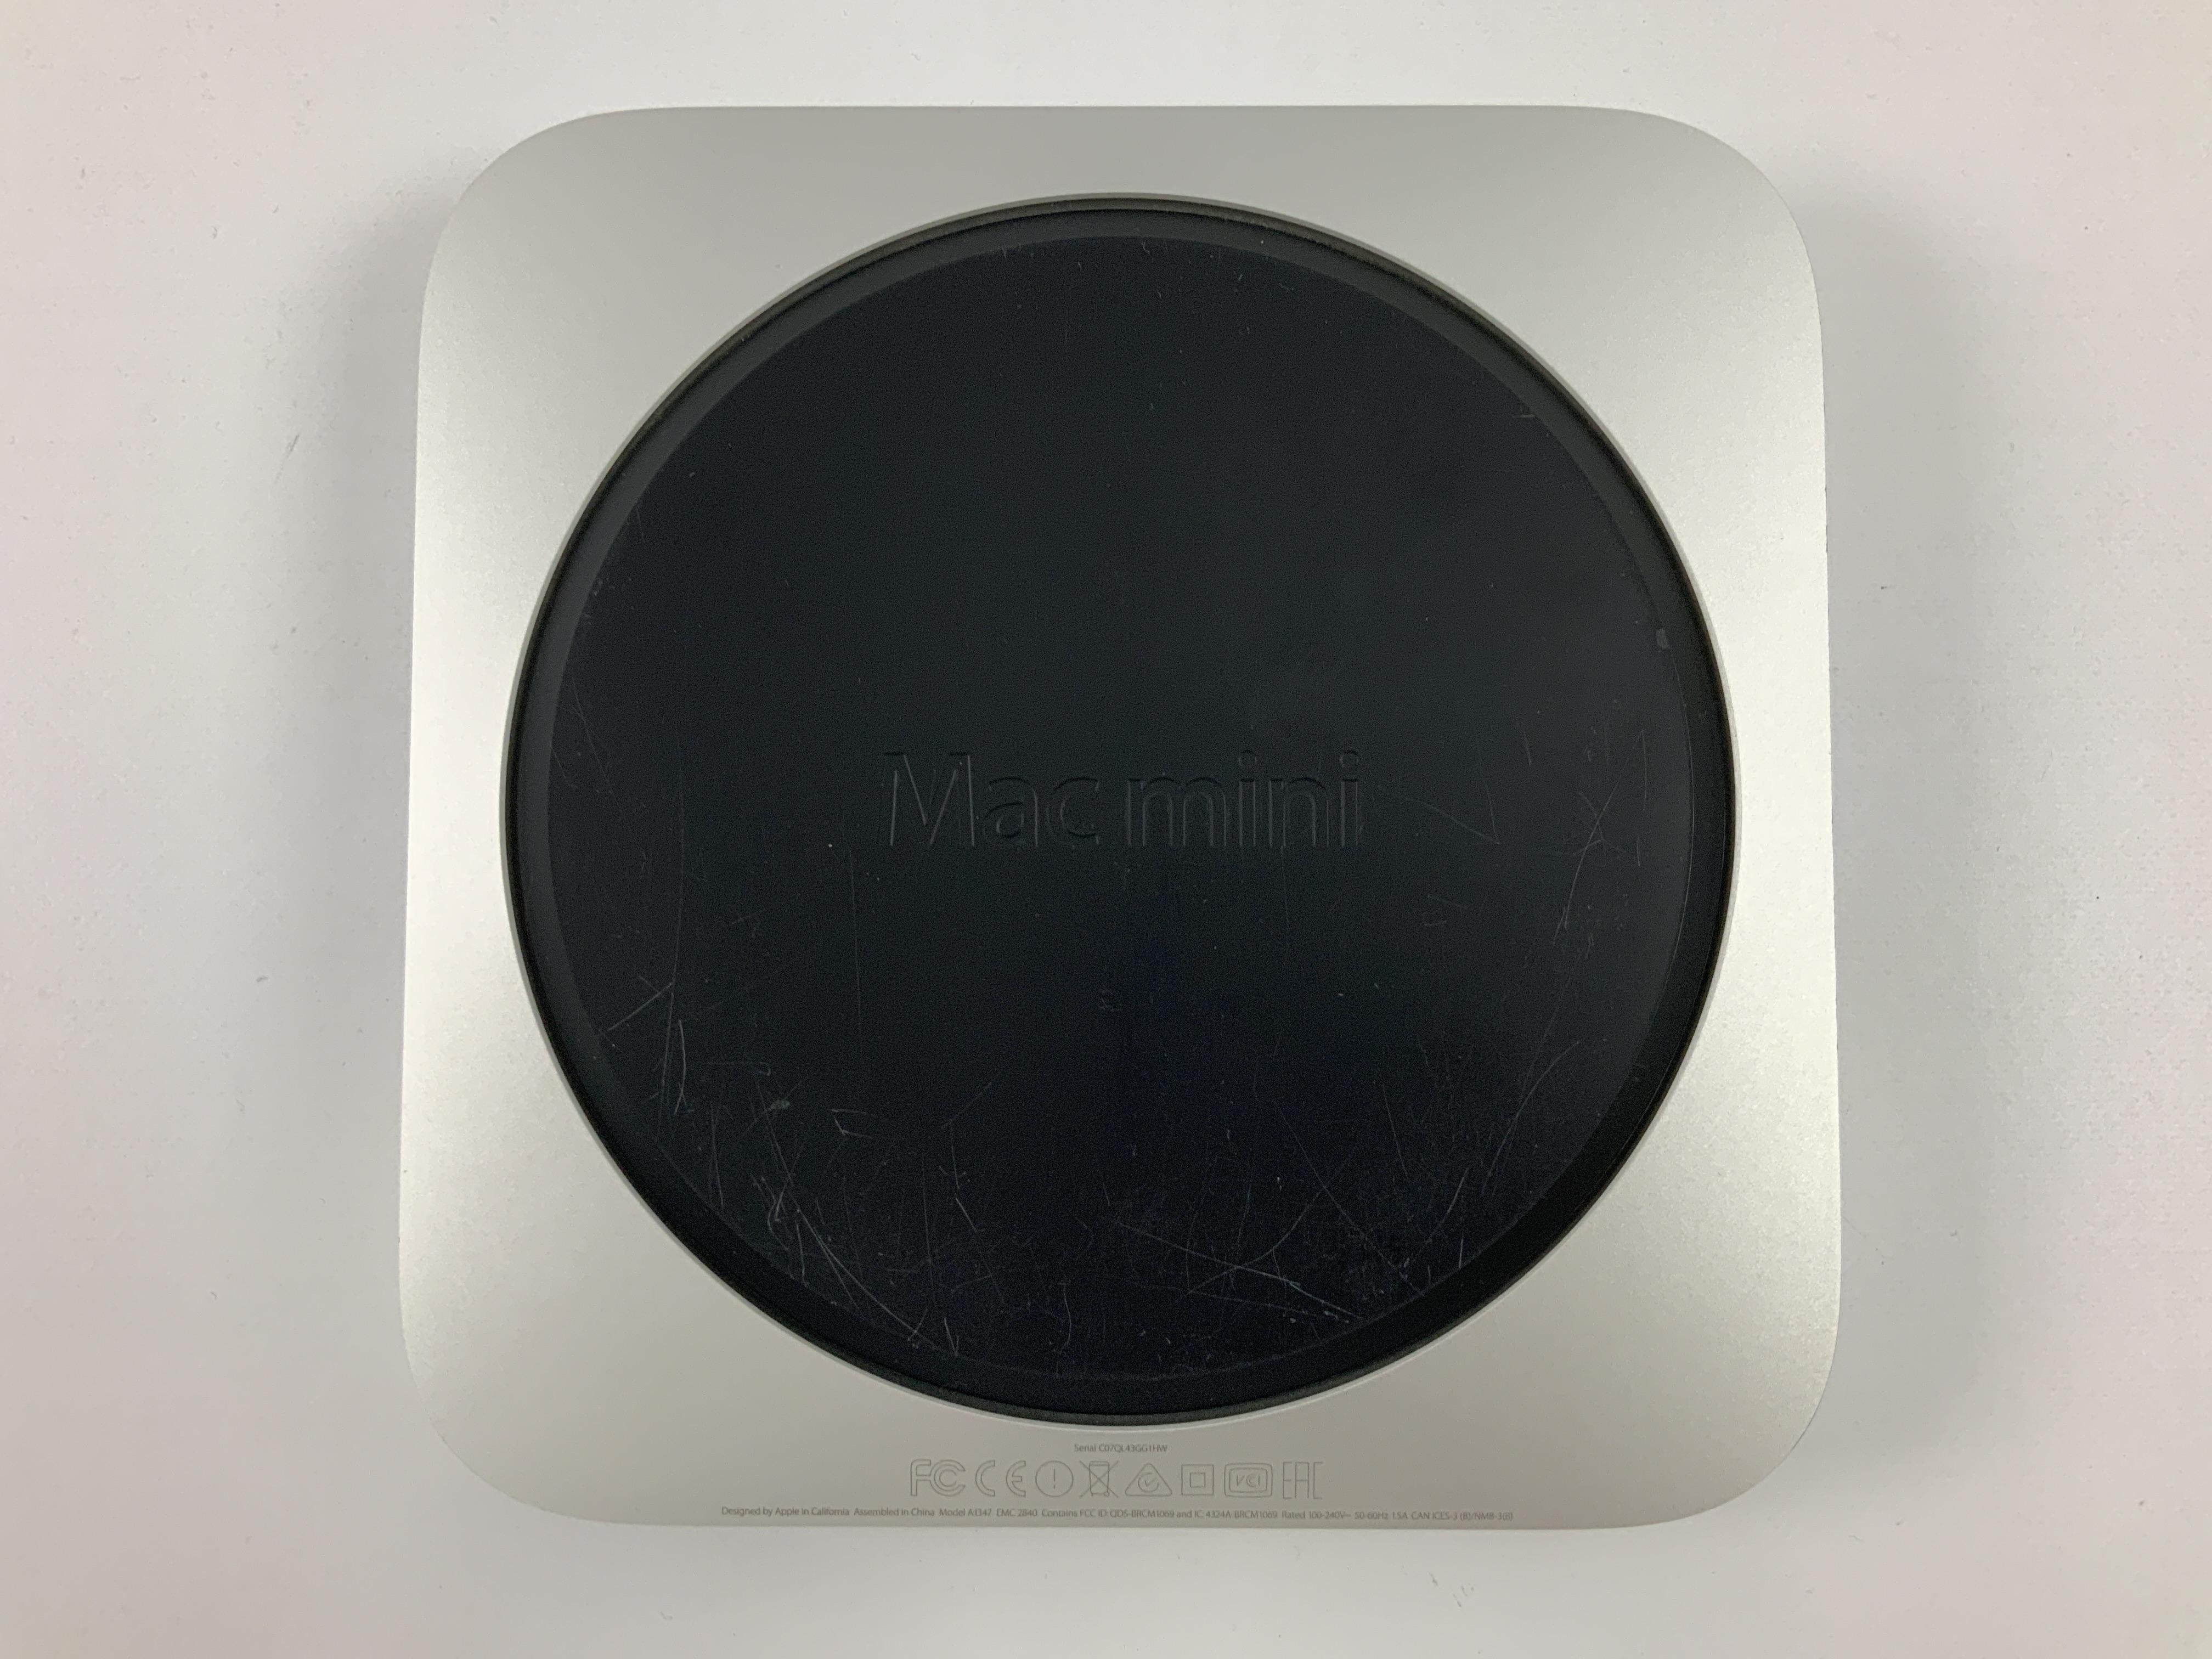 Mac Mini Late 2014 (Intel Core i5 2.6 GHz 8 GB RAM 1 TB HDD), Intel Core i5 2.6 GHz, 8 GB RAM, 1 TB HDD, immagine 3